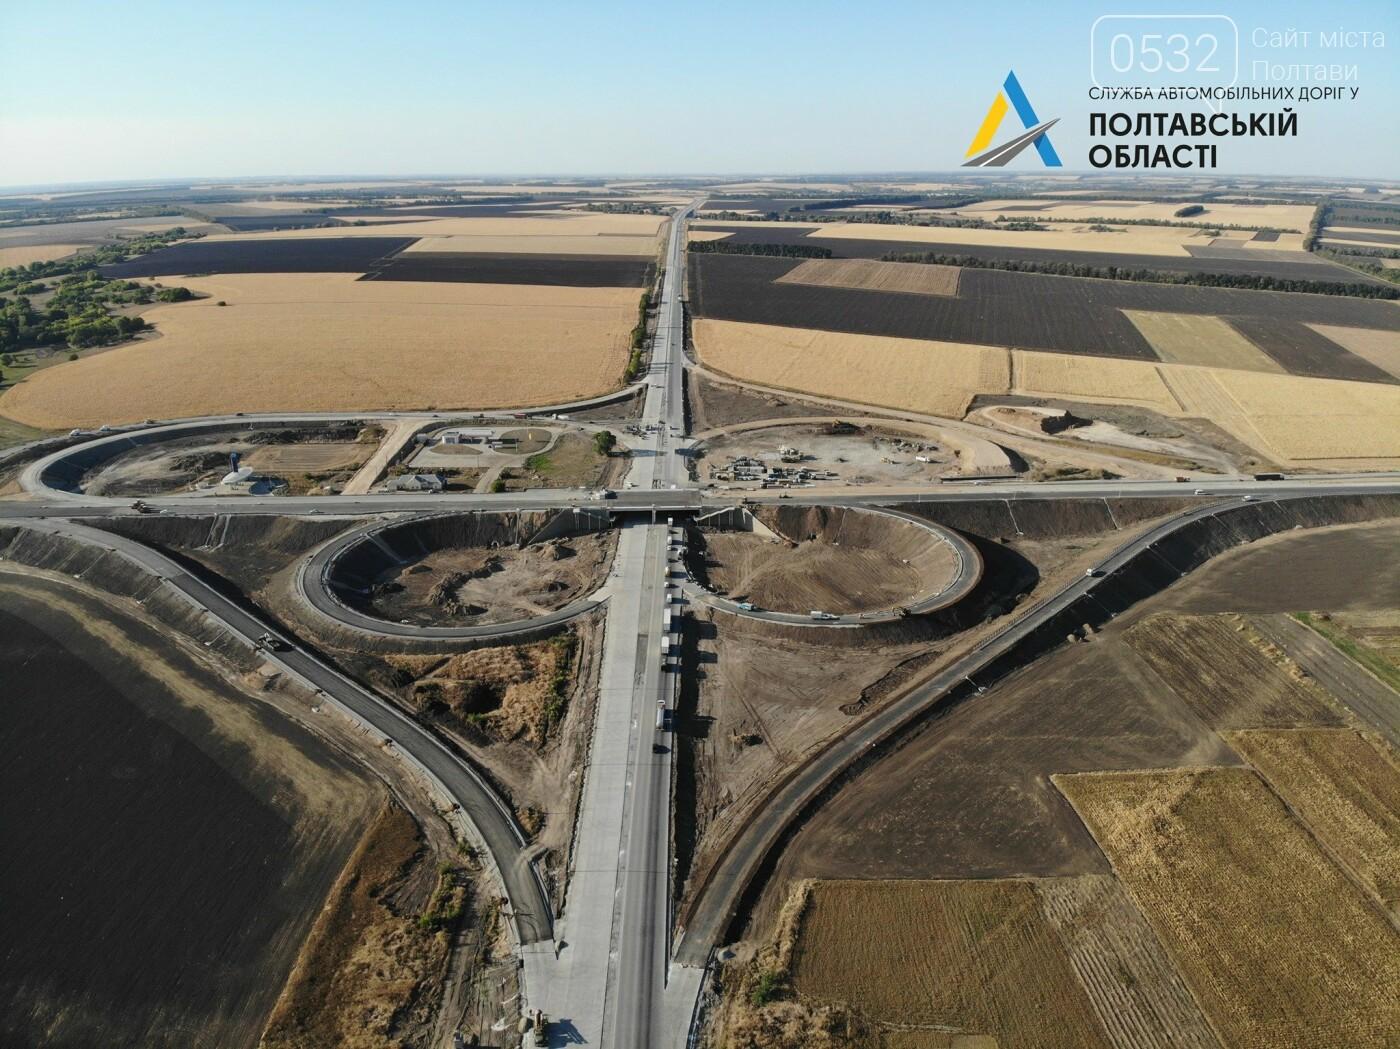 Перетин автошляхів М-22 Полтава-Олександрія та Н-31 Дніпро-Решетилівка